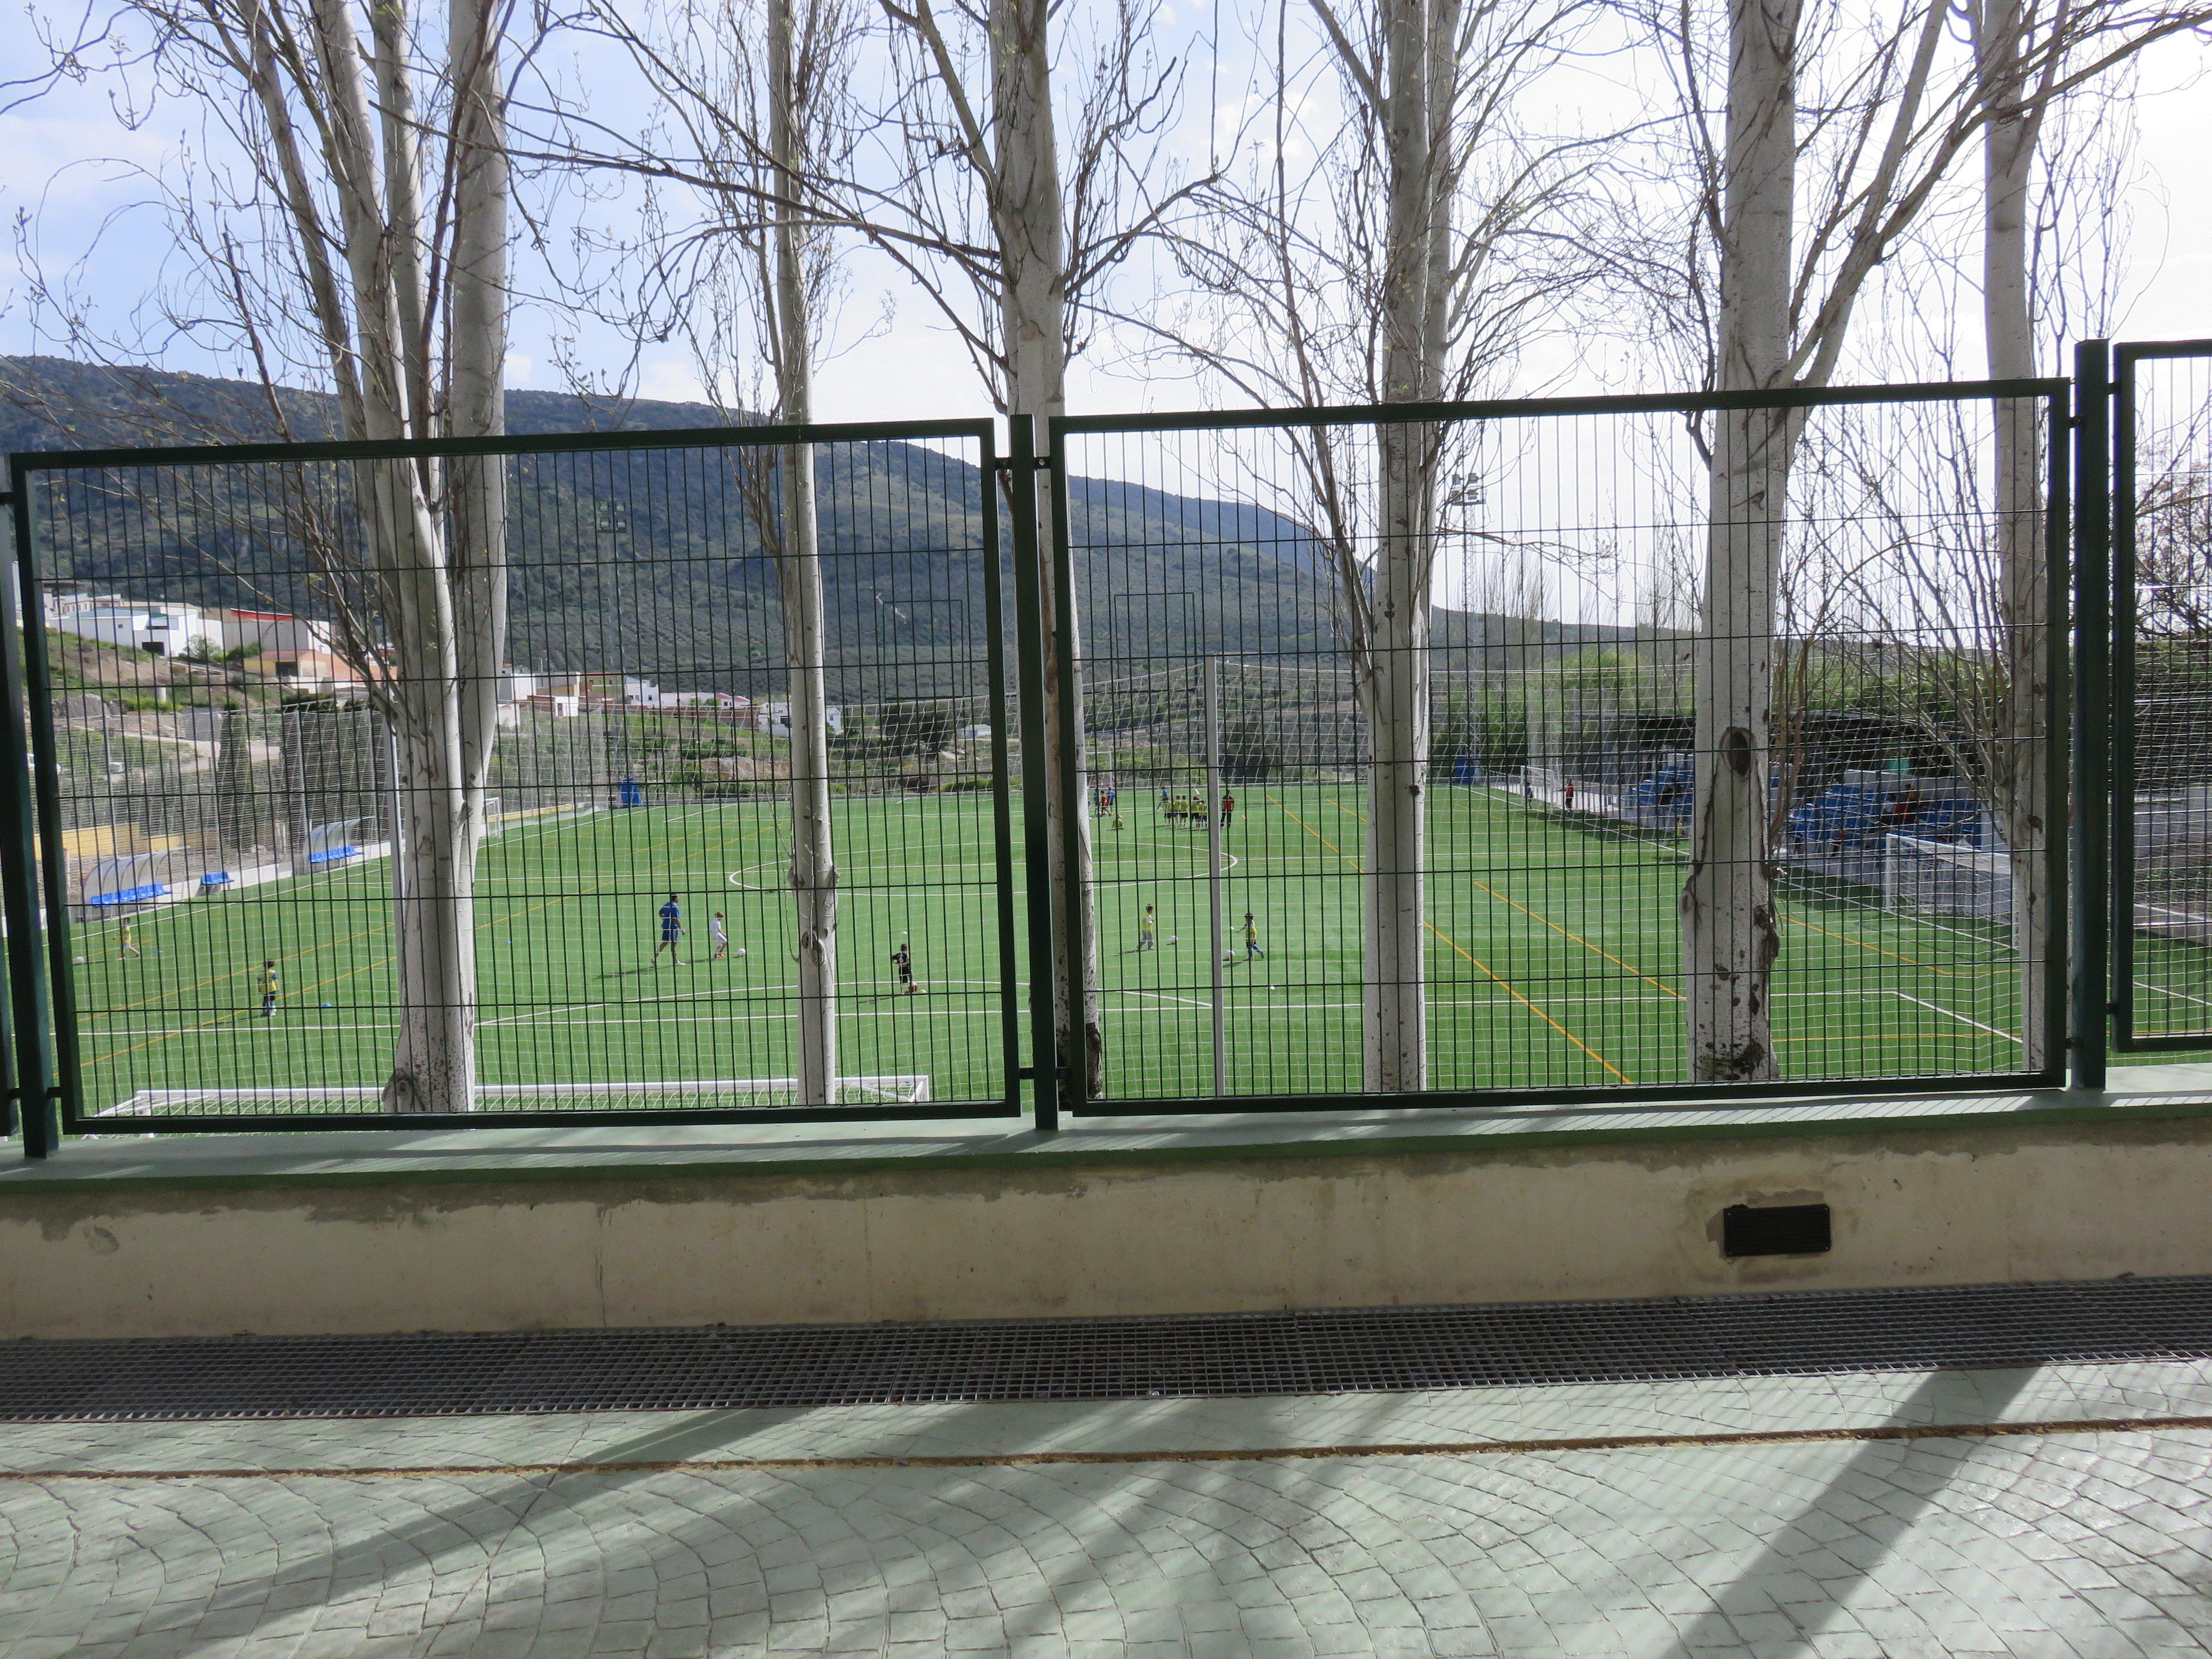 Campo de f tbol alcalde juli n montes delegaci n de - Fotos de dona mencia ...